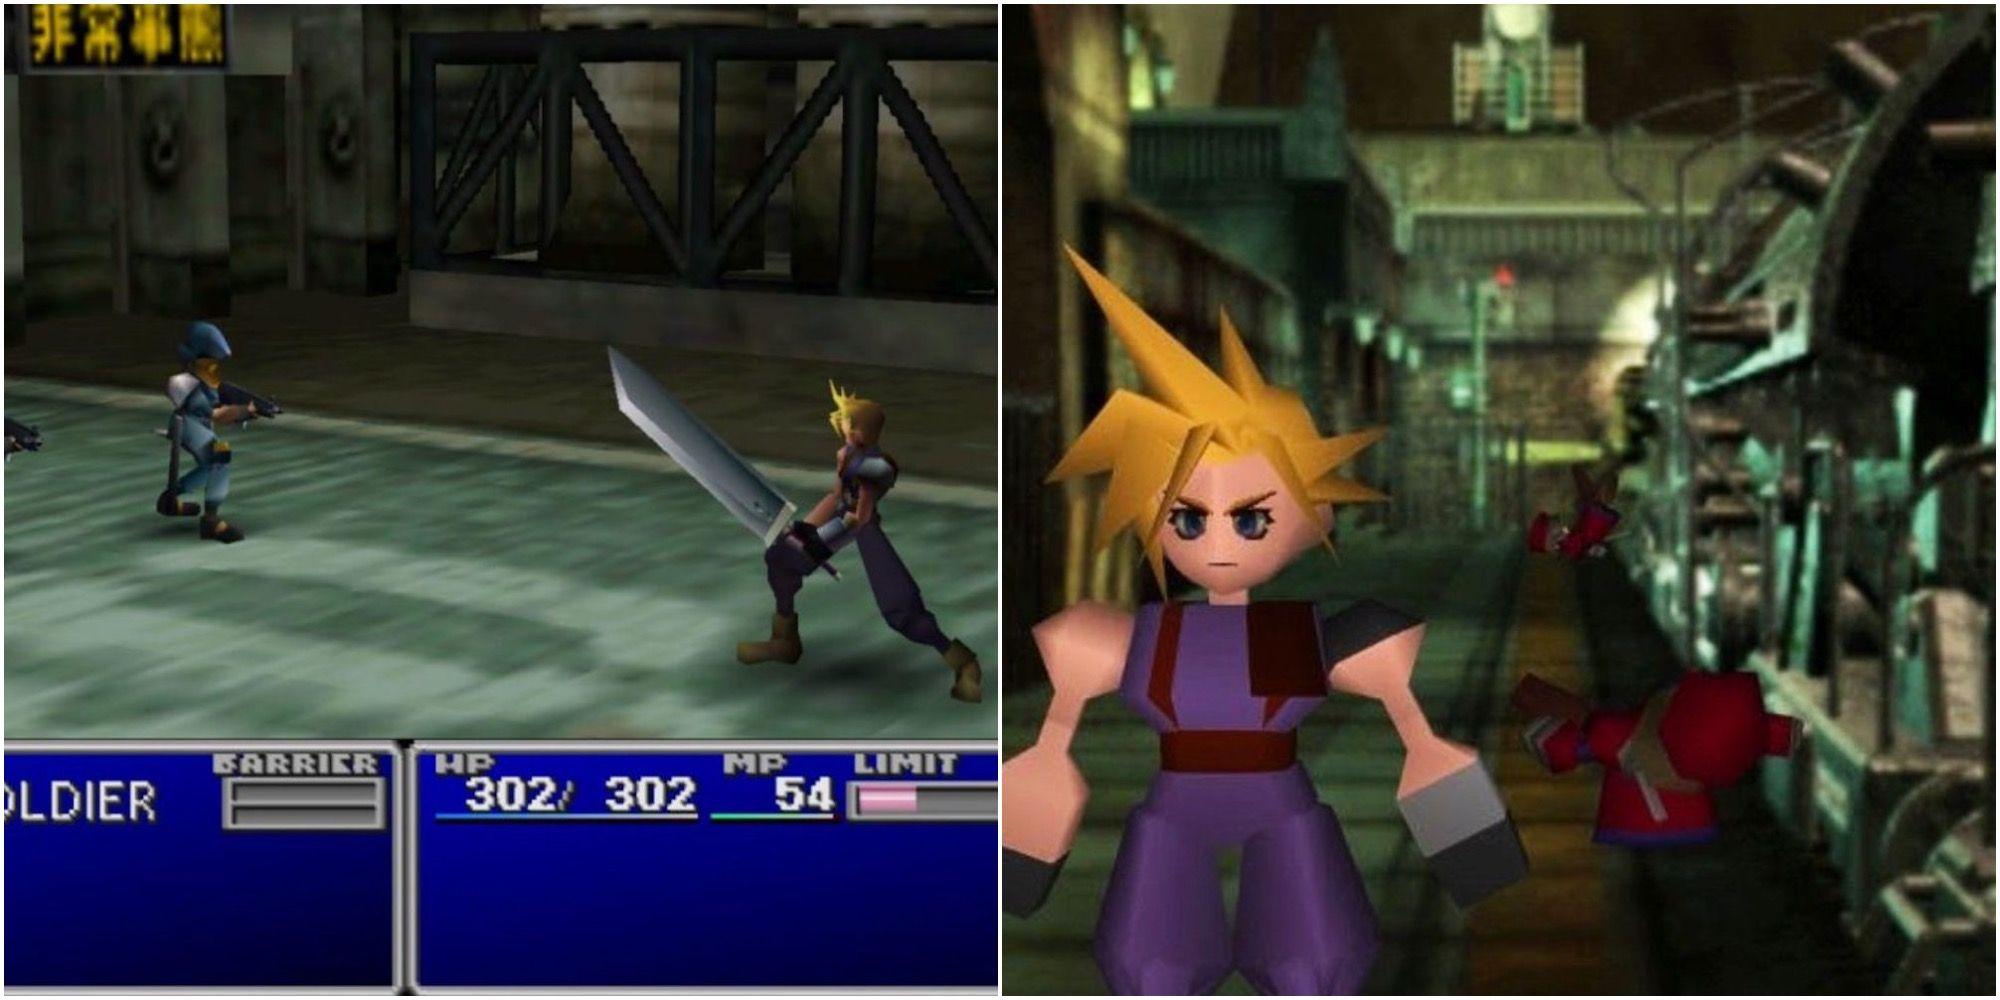 ¿Cuánto tiempo se tarda en vencer a Final Fantasy 7?